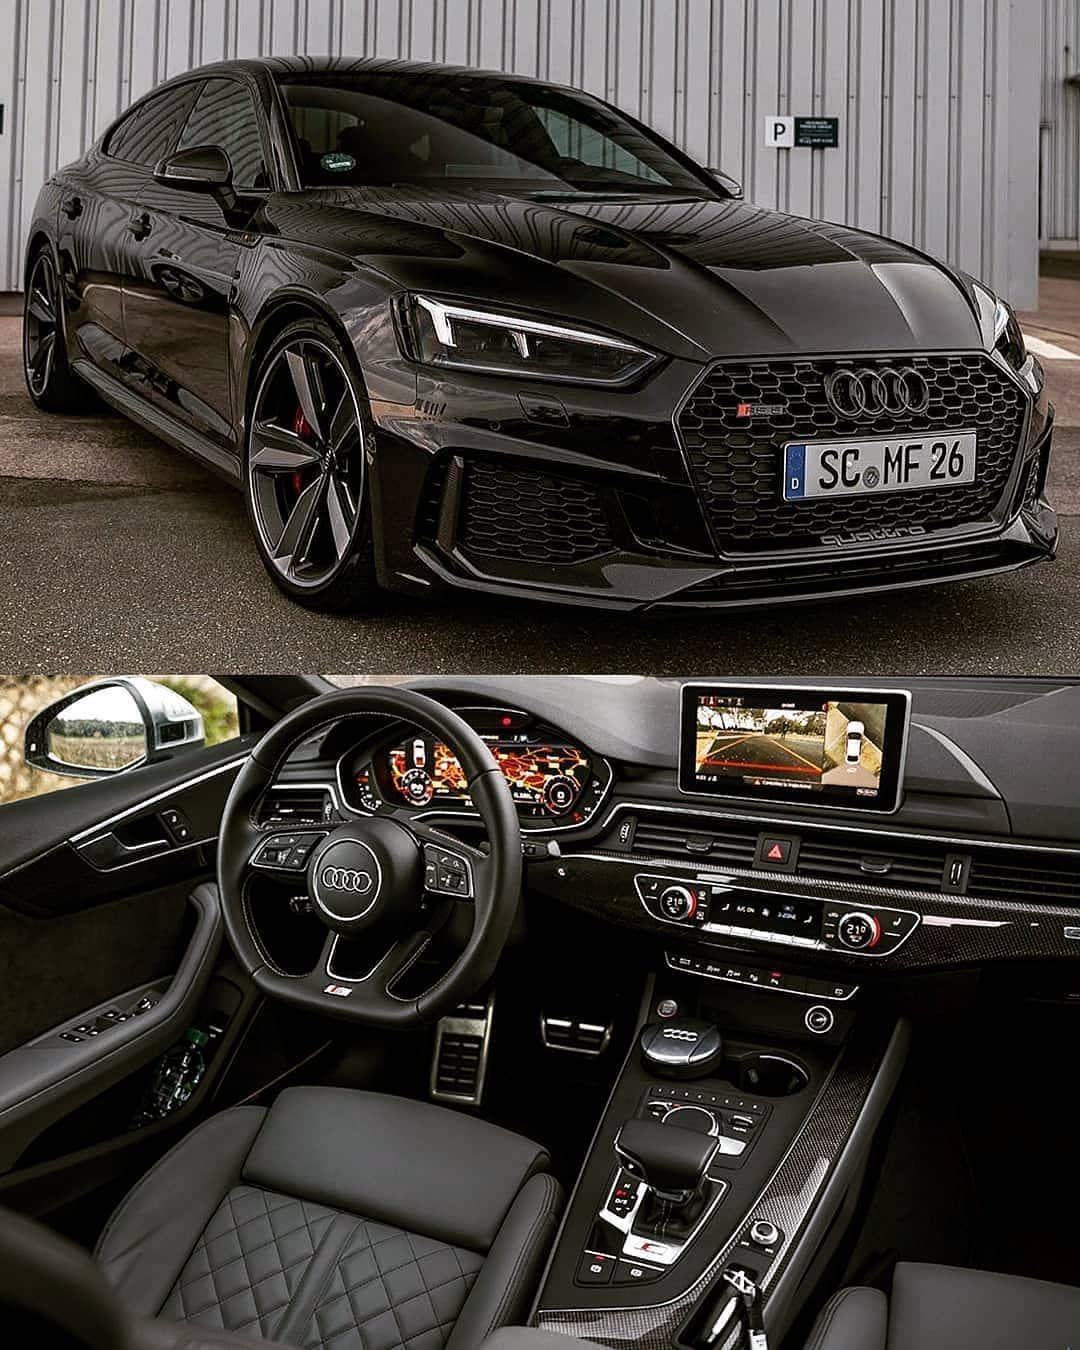 Audi Page Audi Cars Luxury Cars Black Audi Luxury Cars Audi Audi Cars